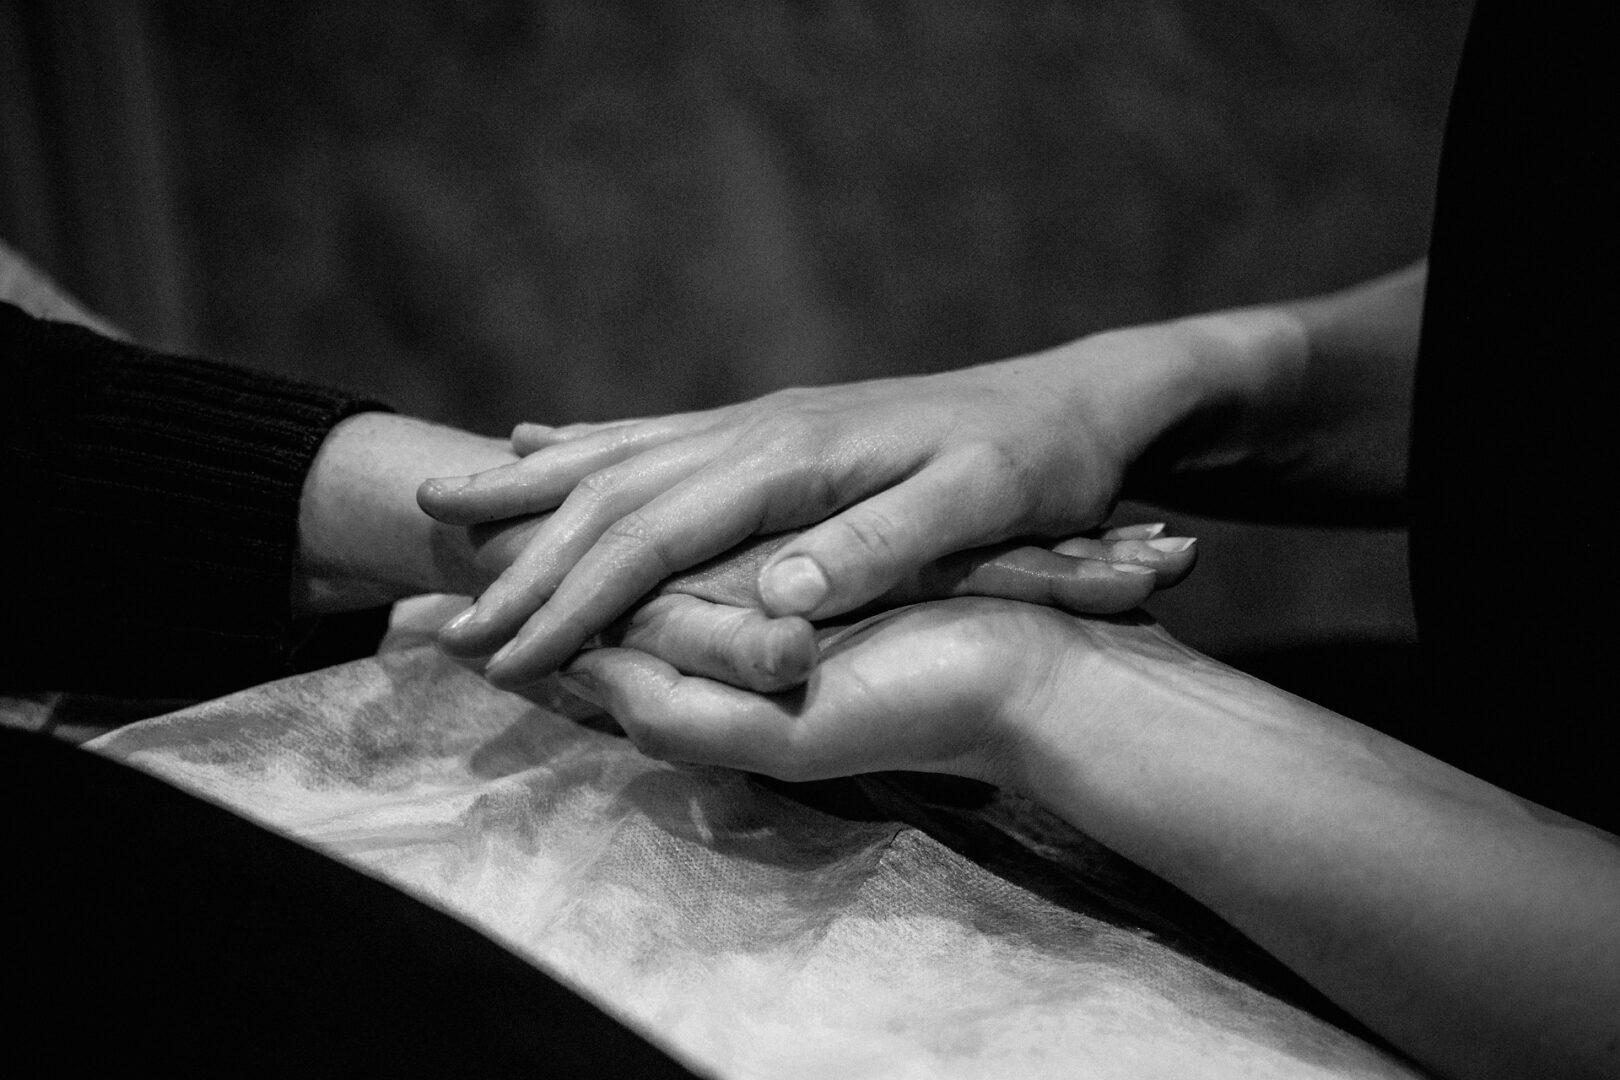 hands-5784868_1920